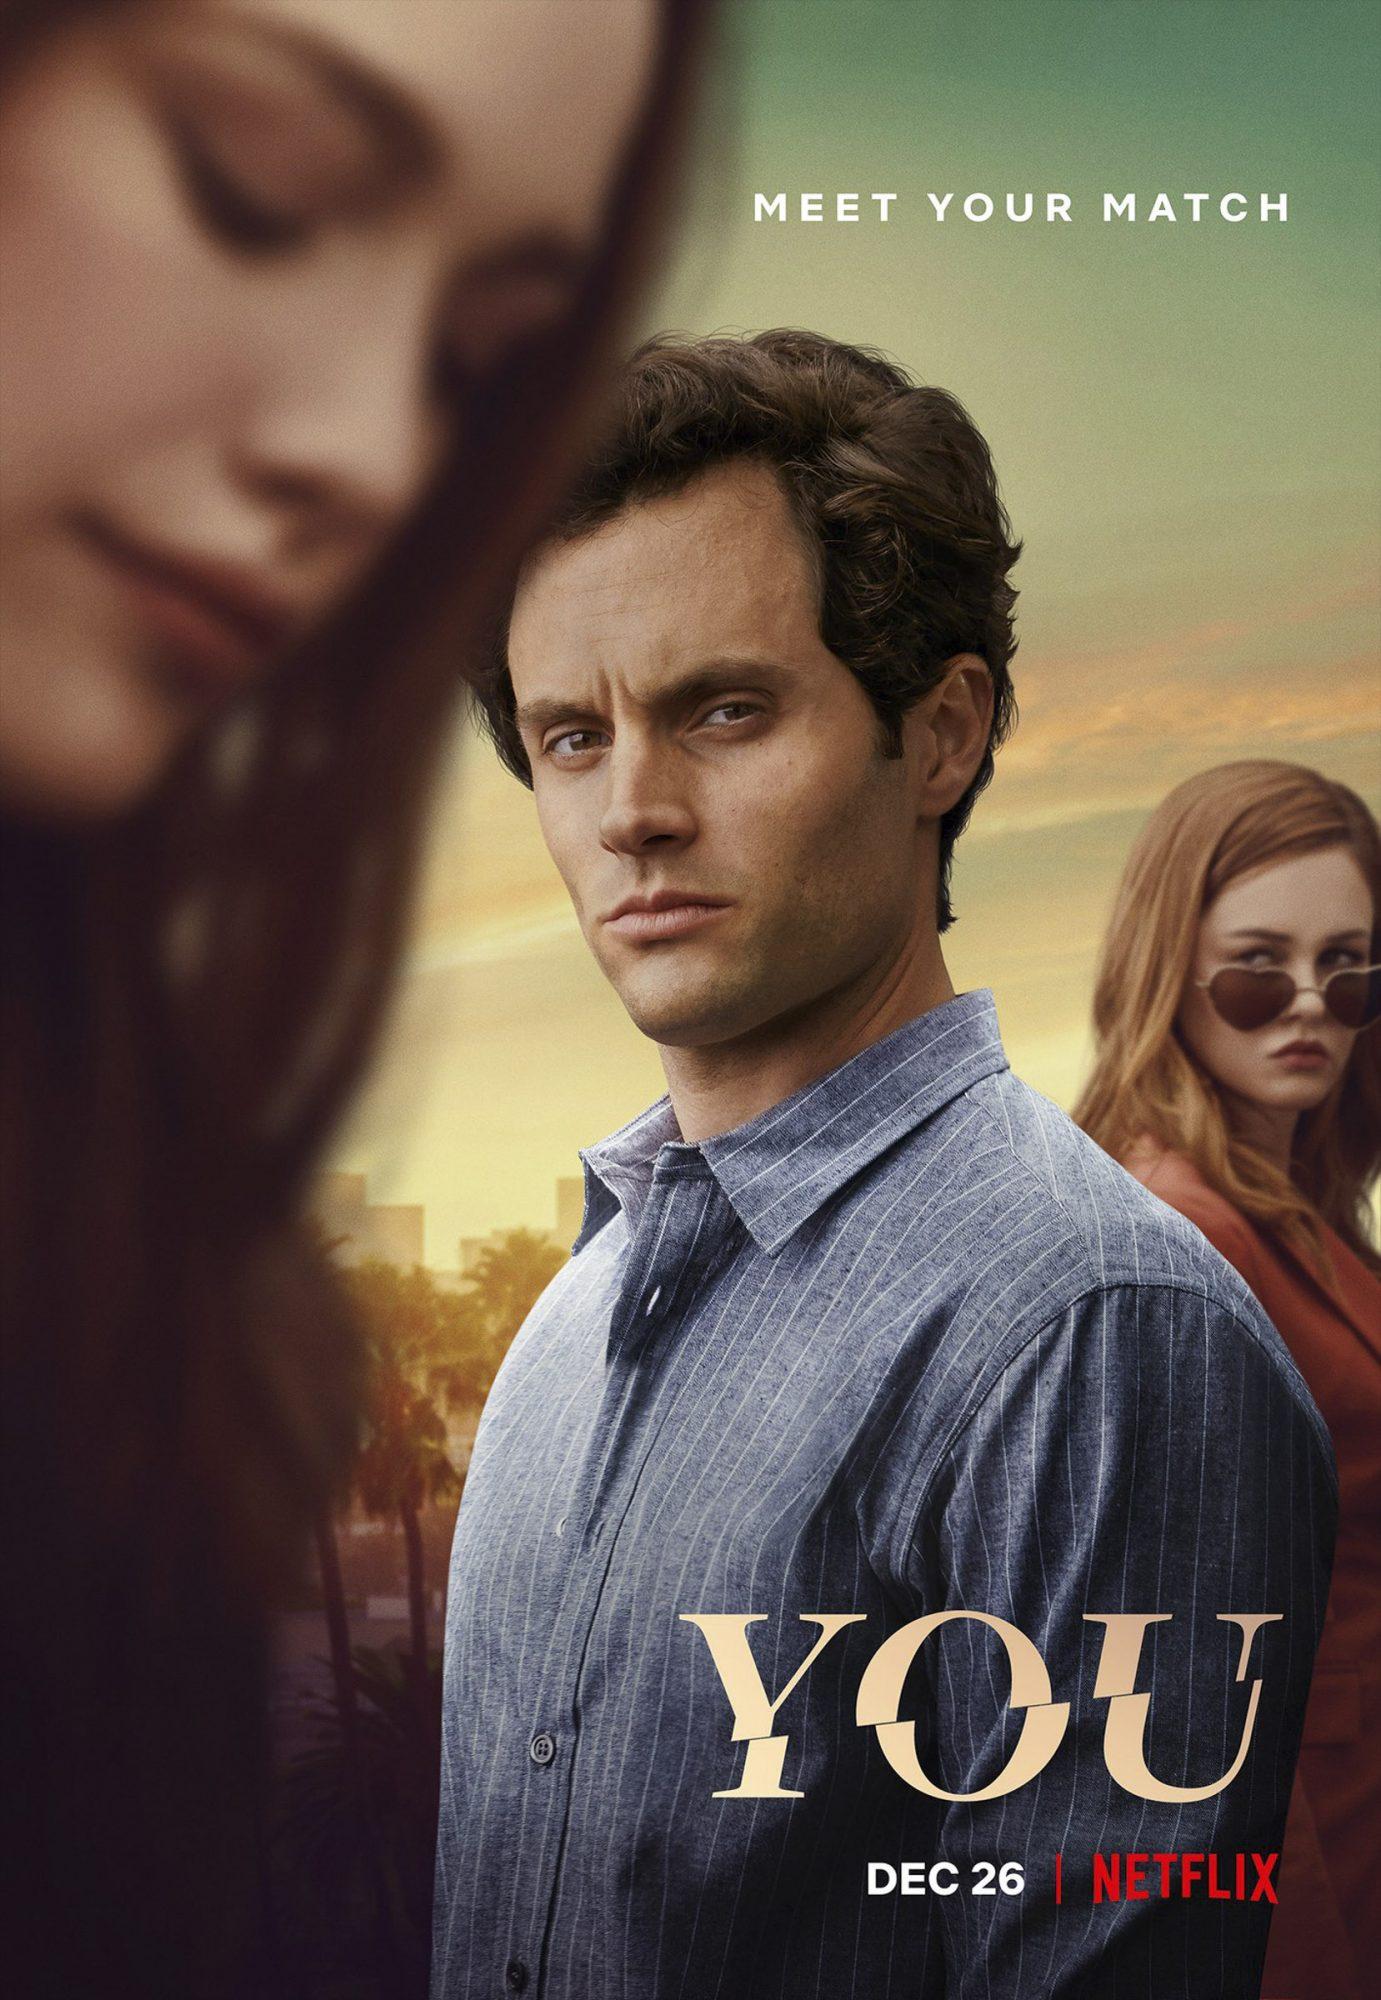 YOU Season 2 key art CR: Netflix